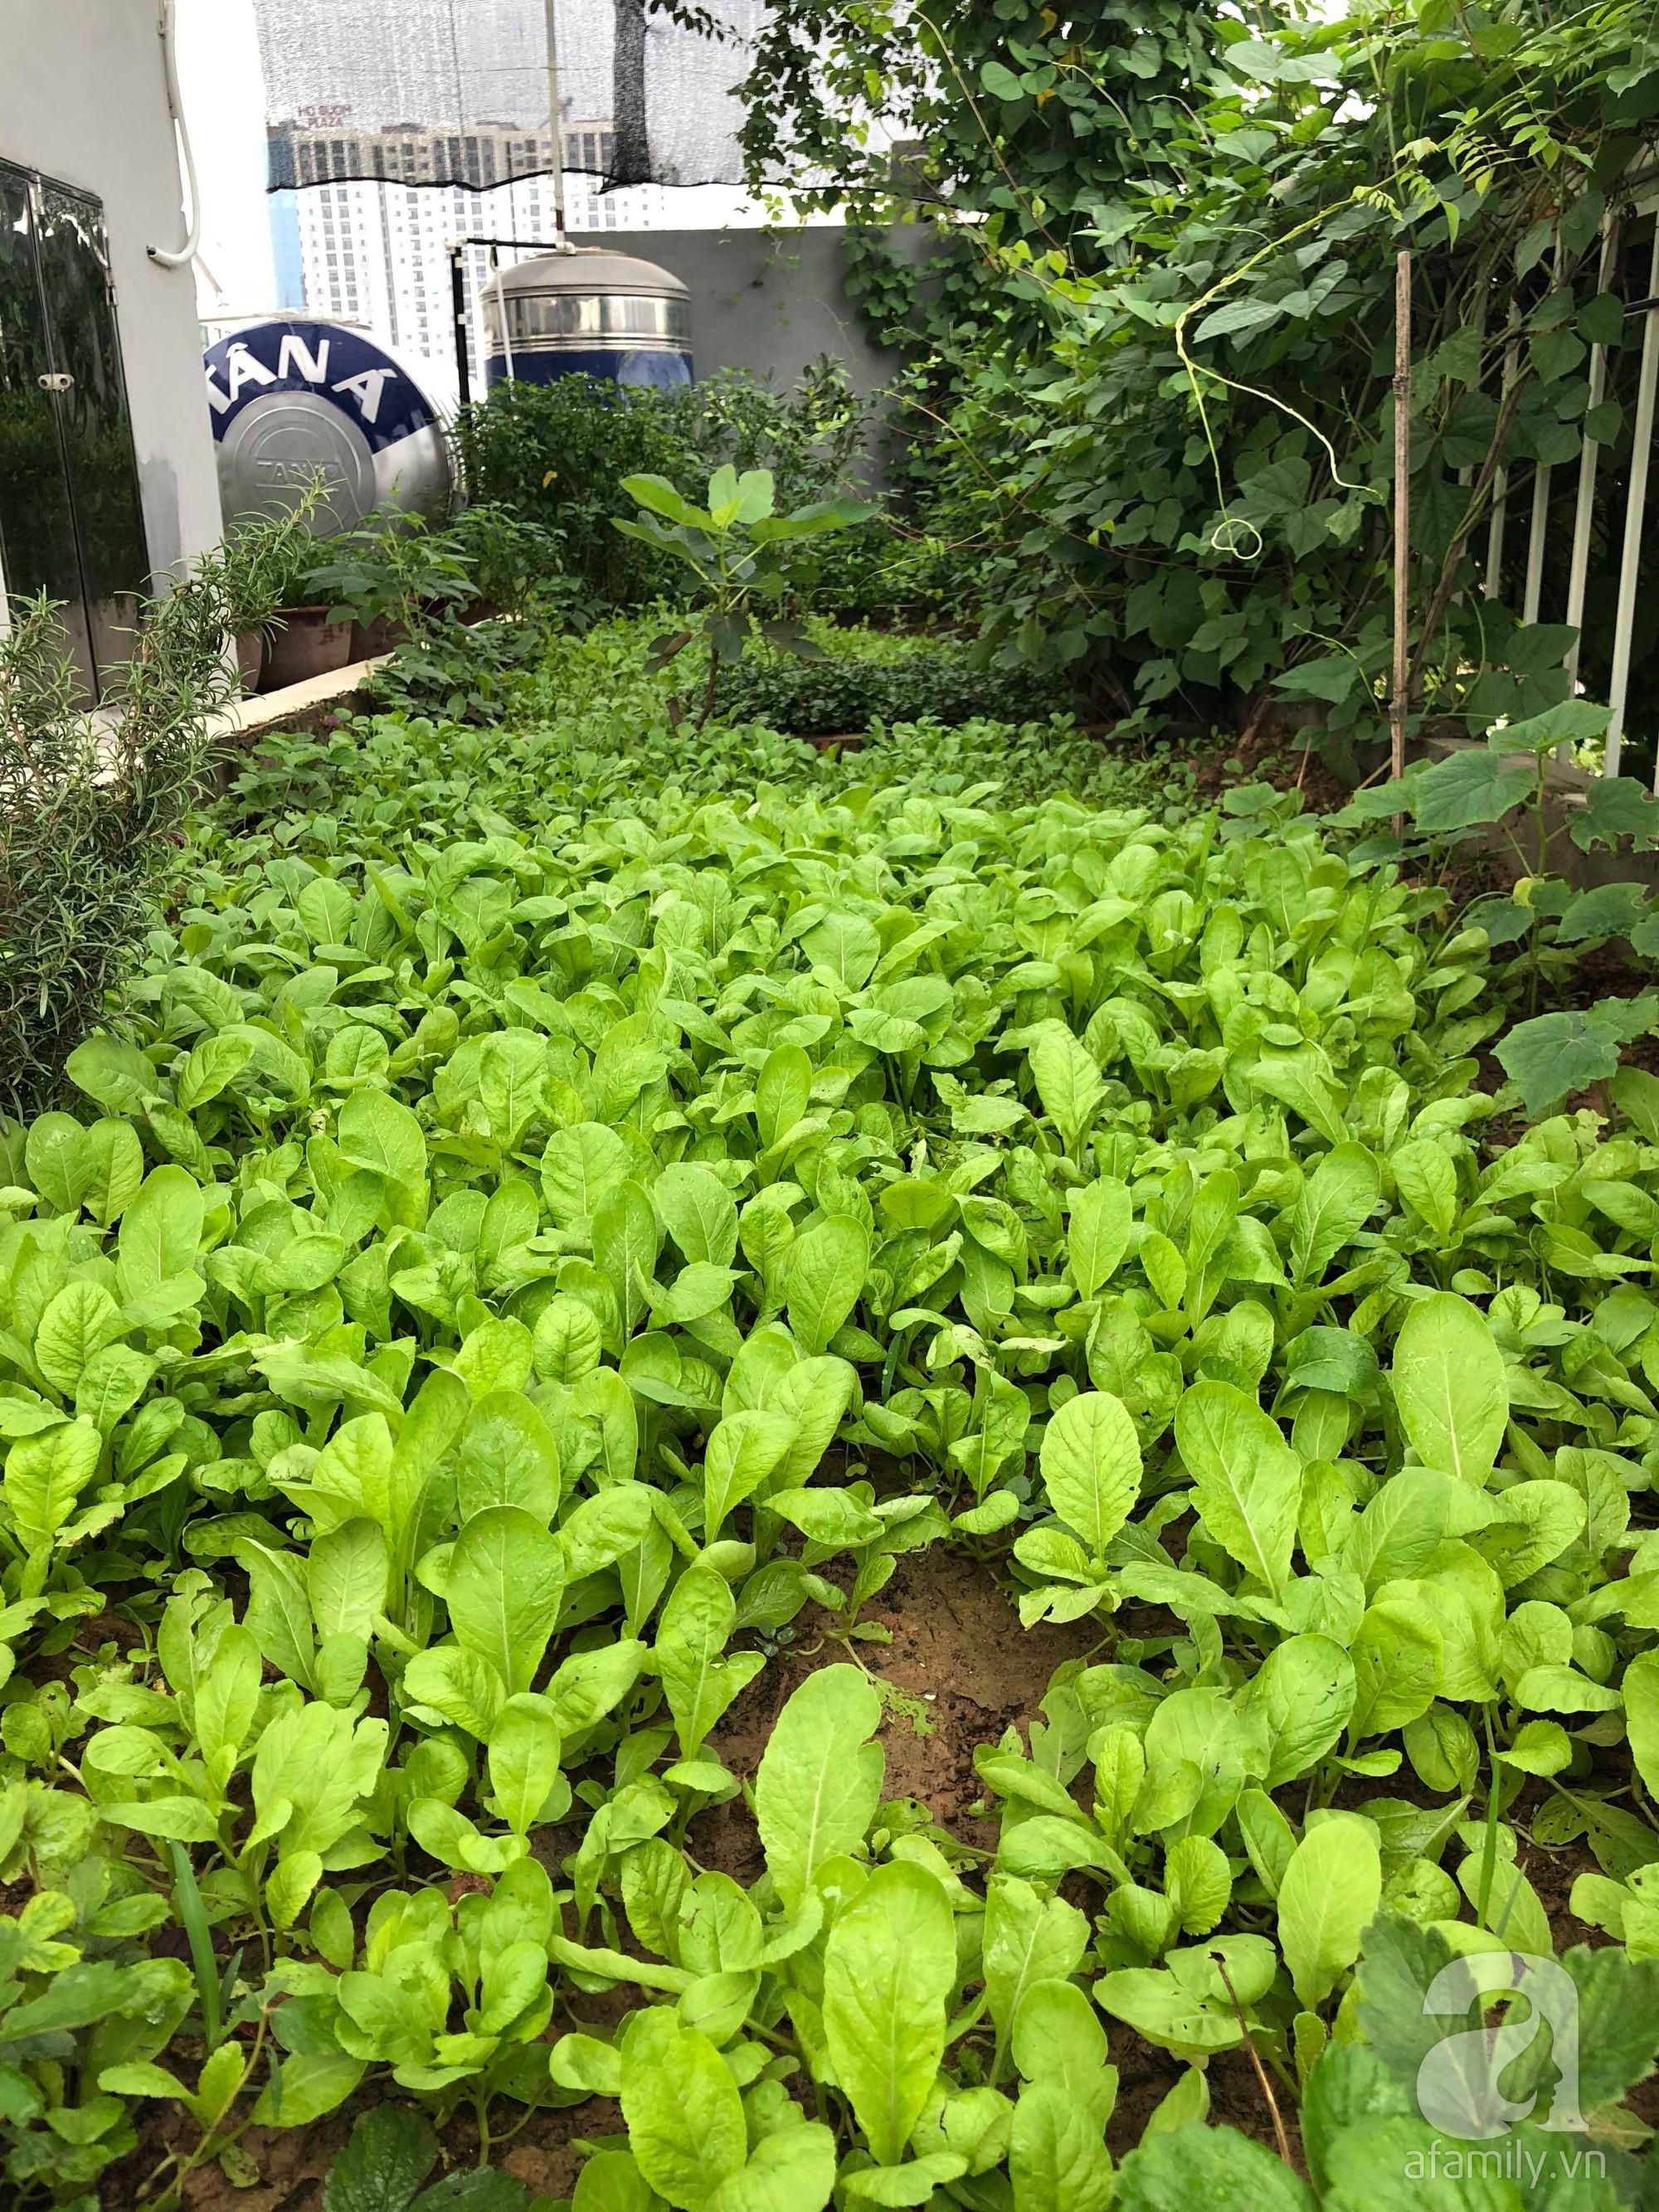 Khu vườn trên sân thượng rộng 200m² đẹp ngỡ ngàng với trăm loài hoa đua nhau khoe sắc ở Hà Nội - 33